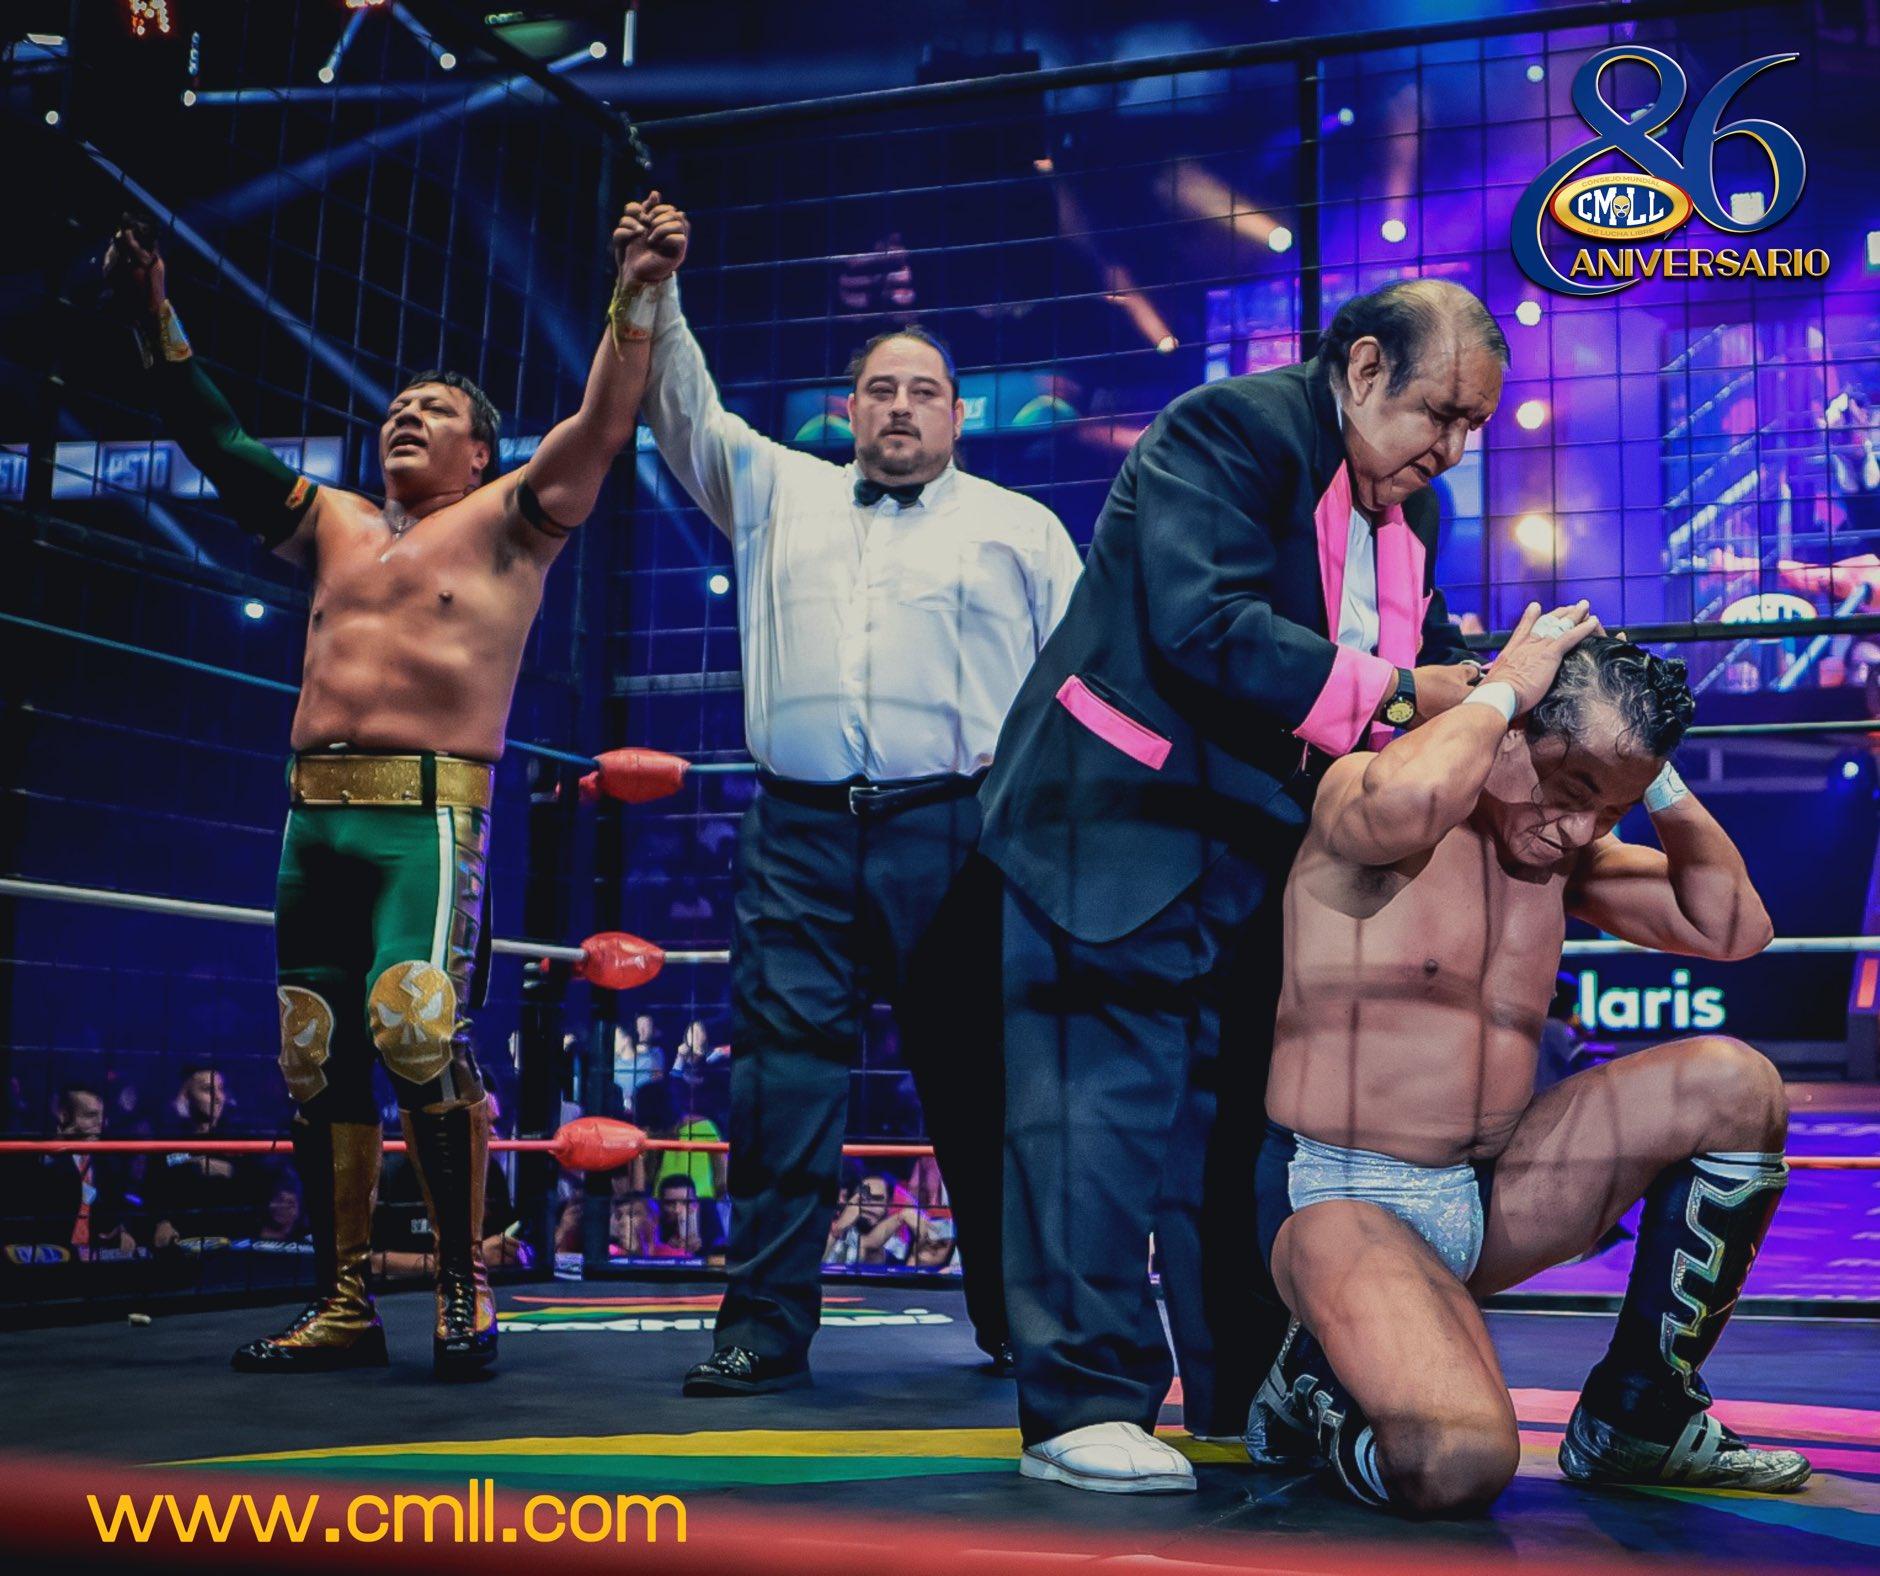 CMLL Aniversario 86 (27 de septiembre 2019)   Resultados en vivo   7 cabelleras en juego 18